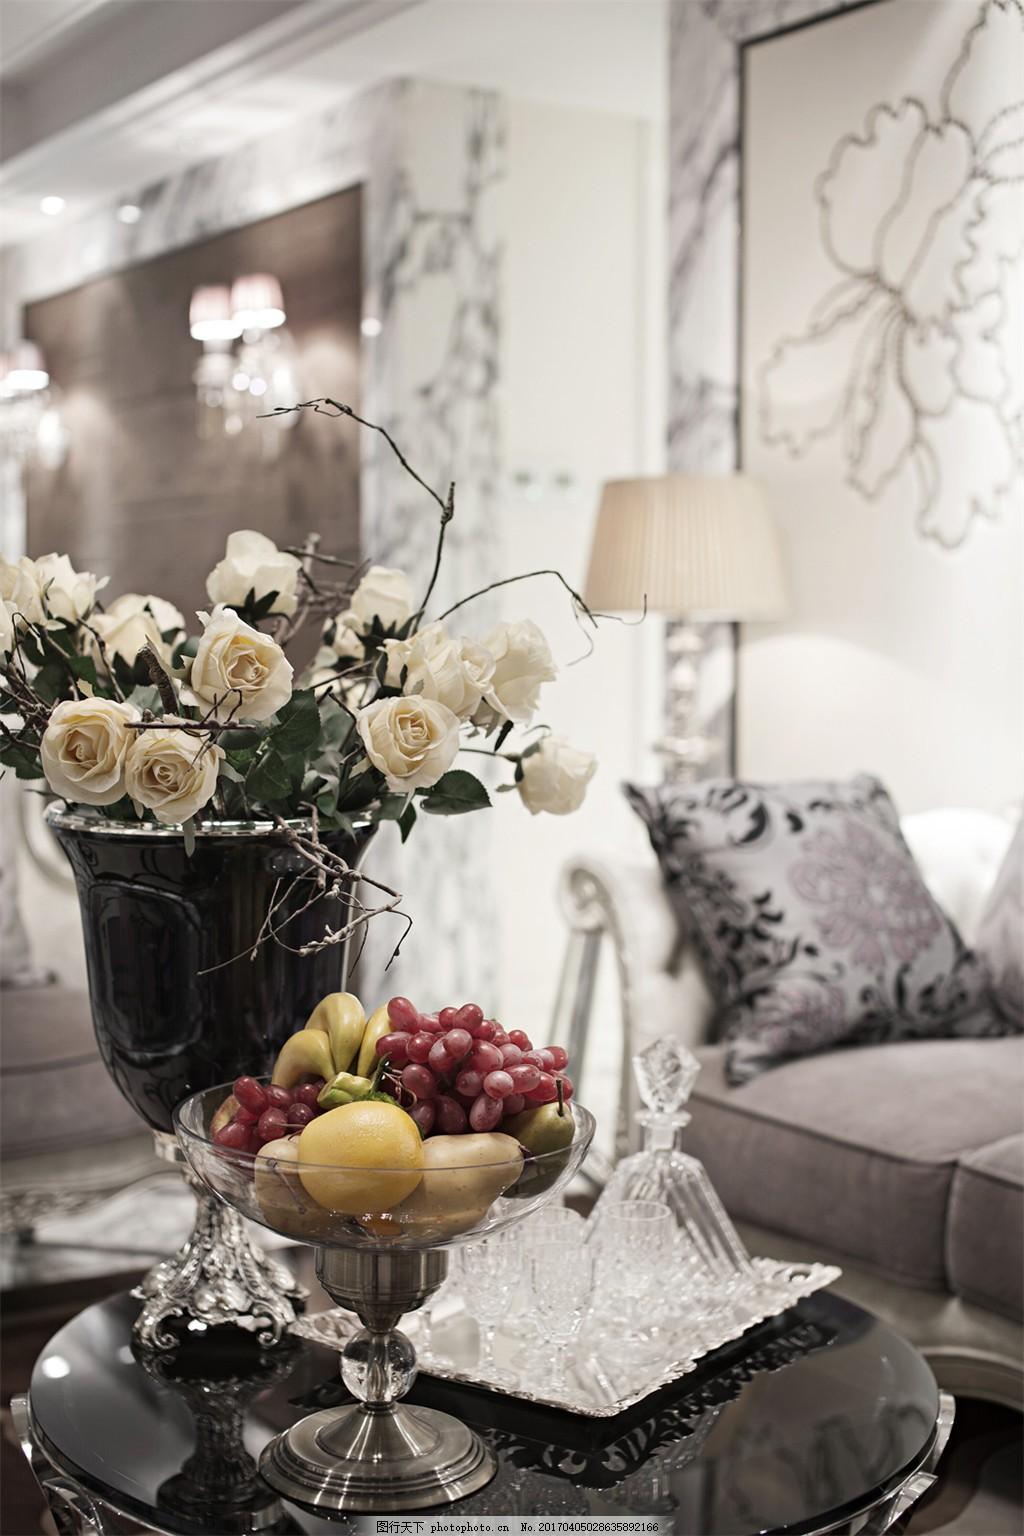 室内效果图(13) 娴雅 淡色玫瑰 水果 精美果盘 台灯 抱枕 灰色沙发